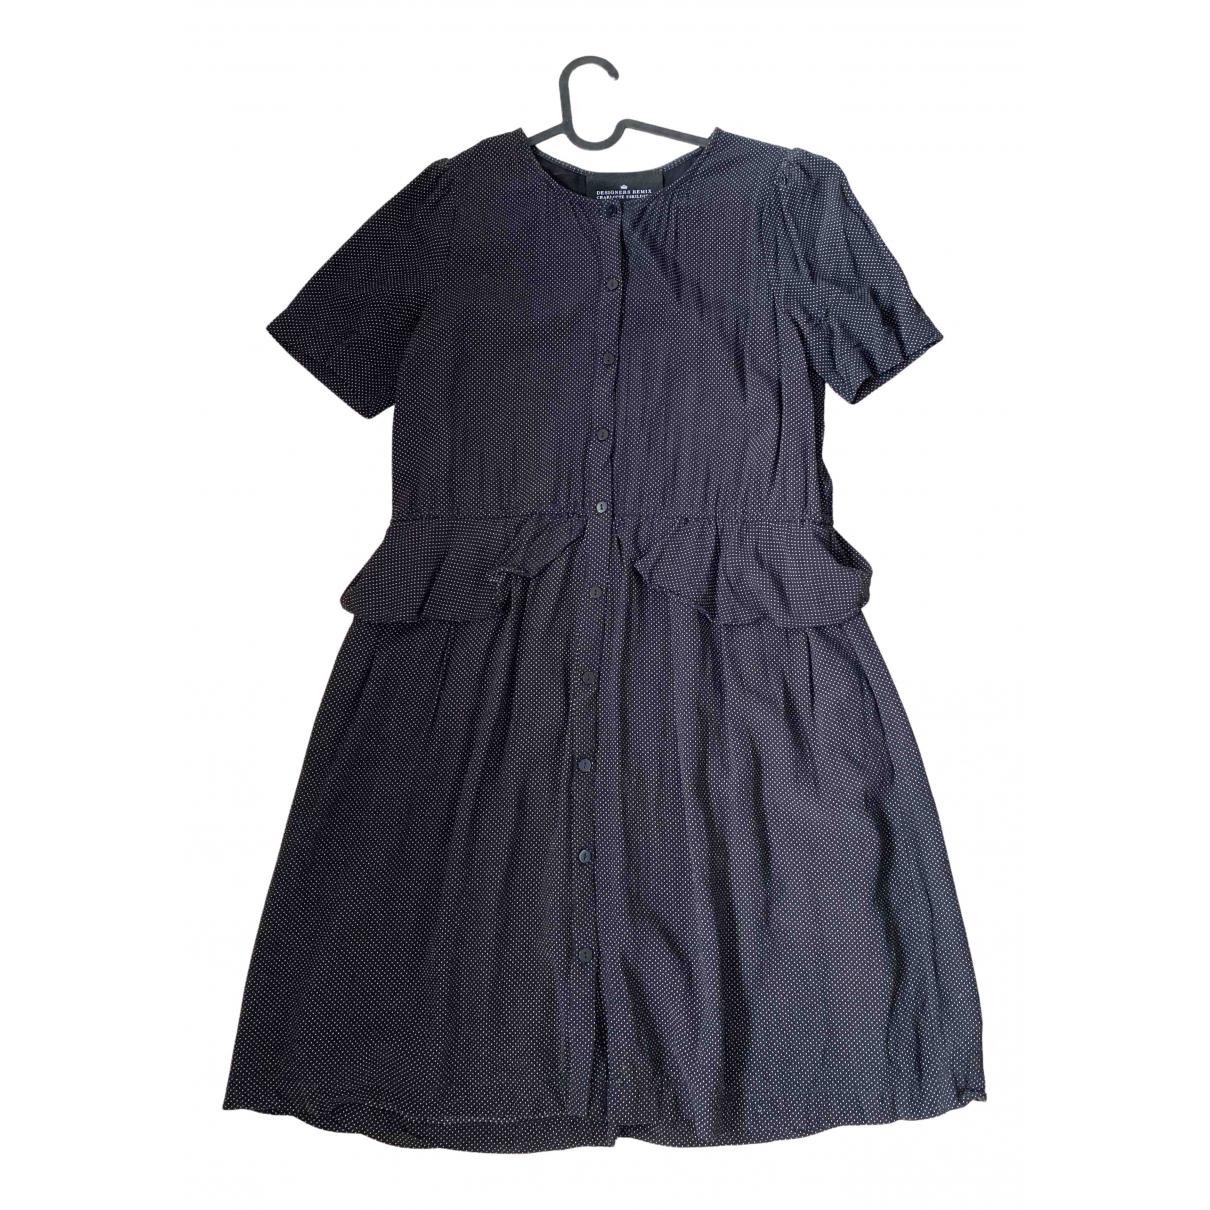 Designers Remix \N Kleid in  Schwarz Viskose